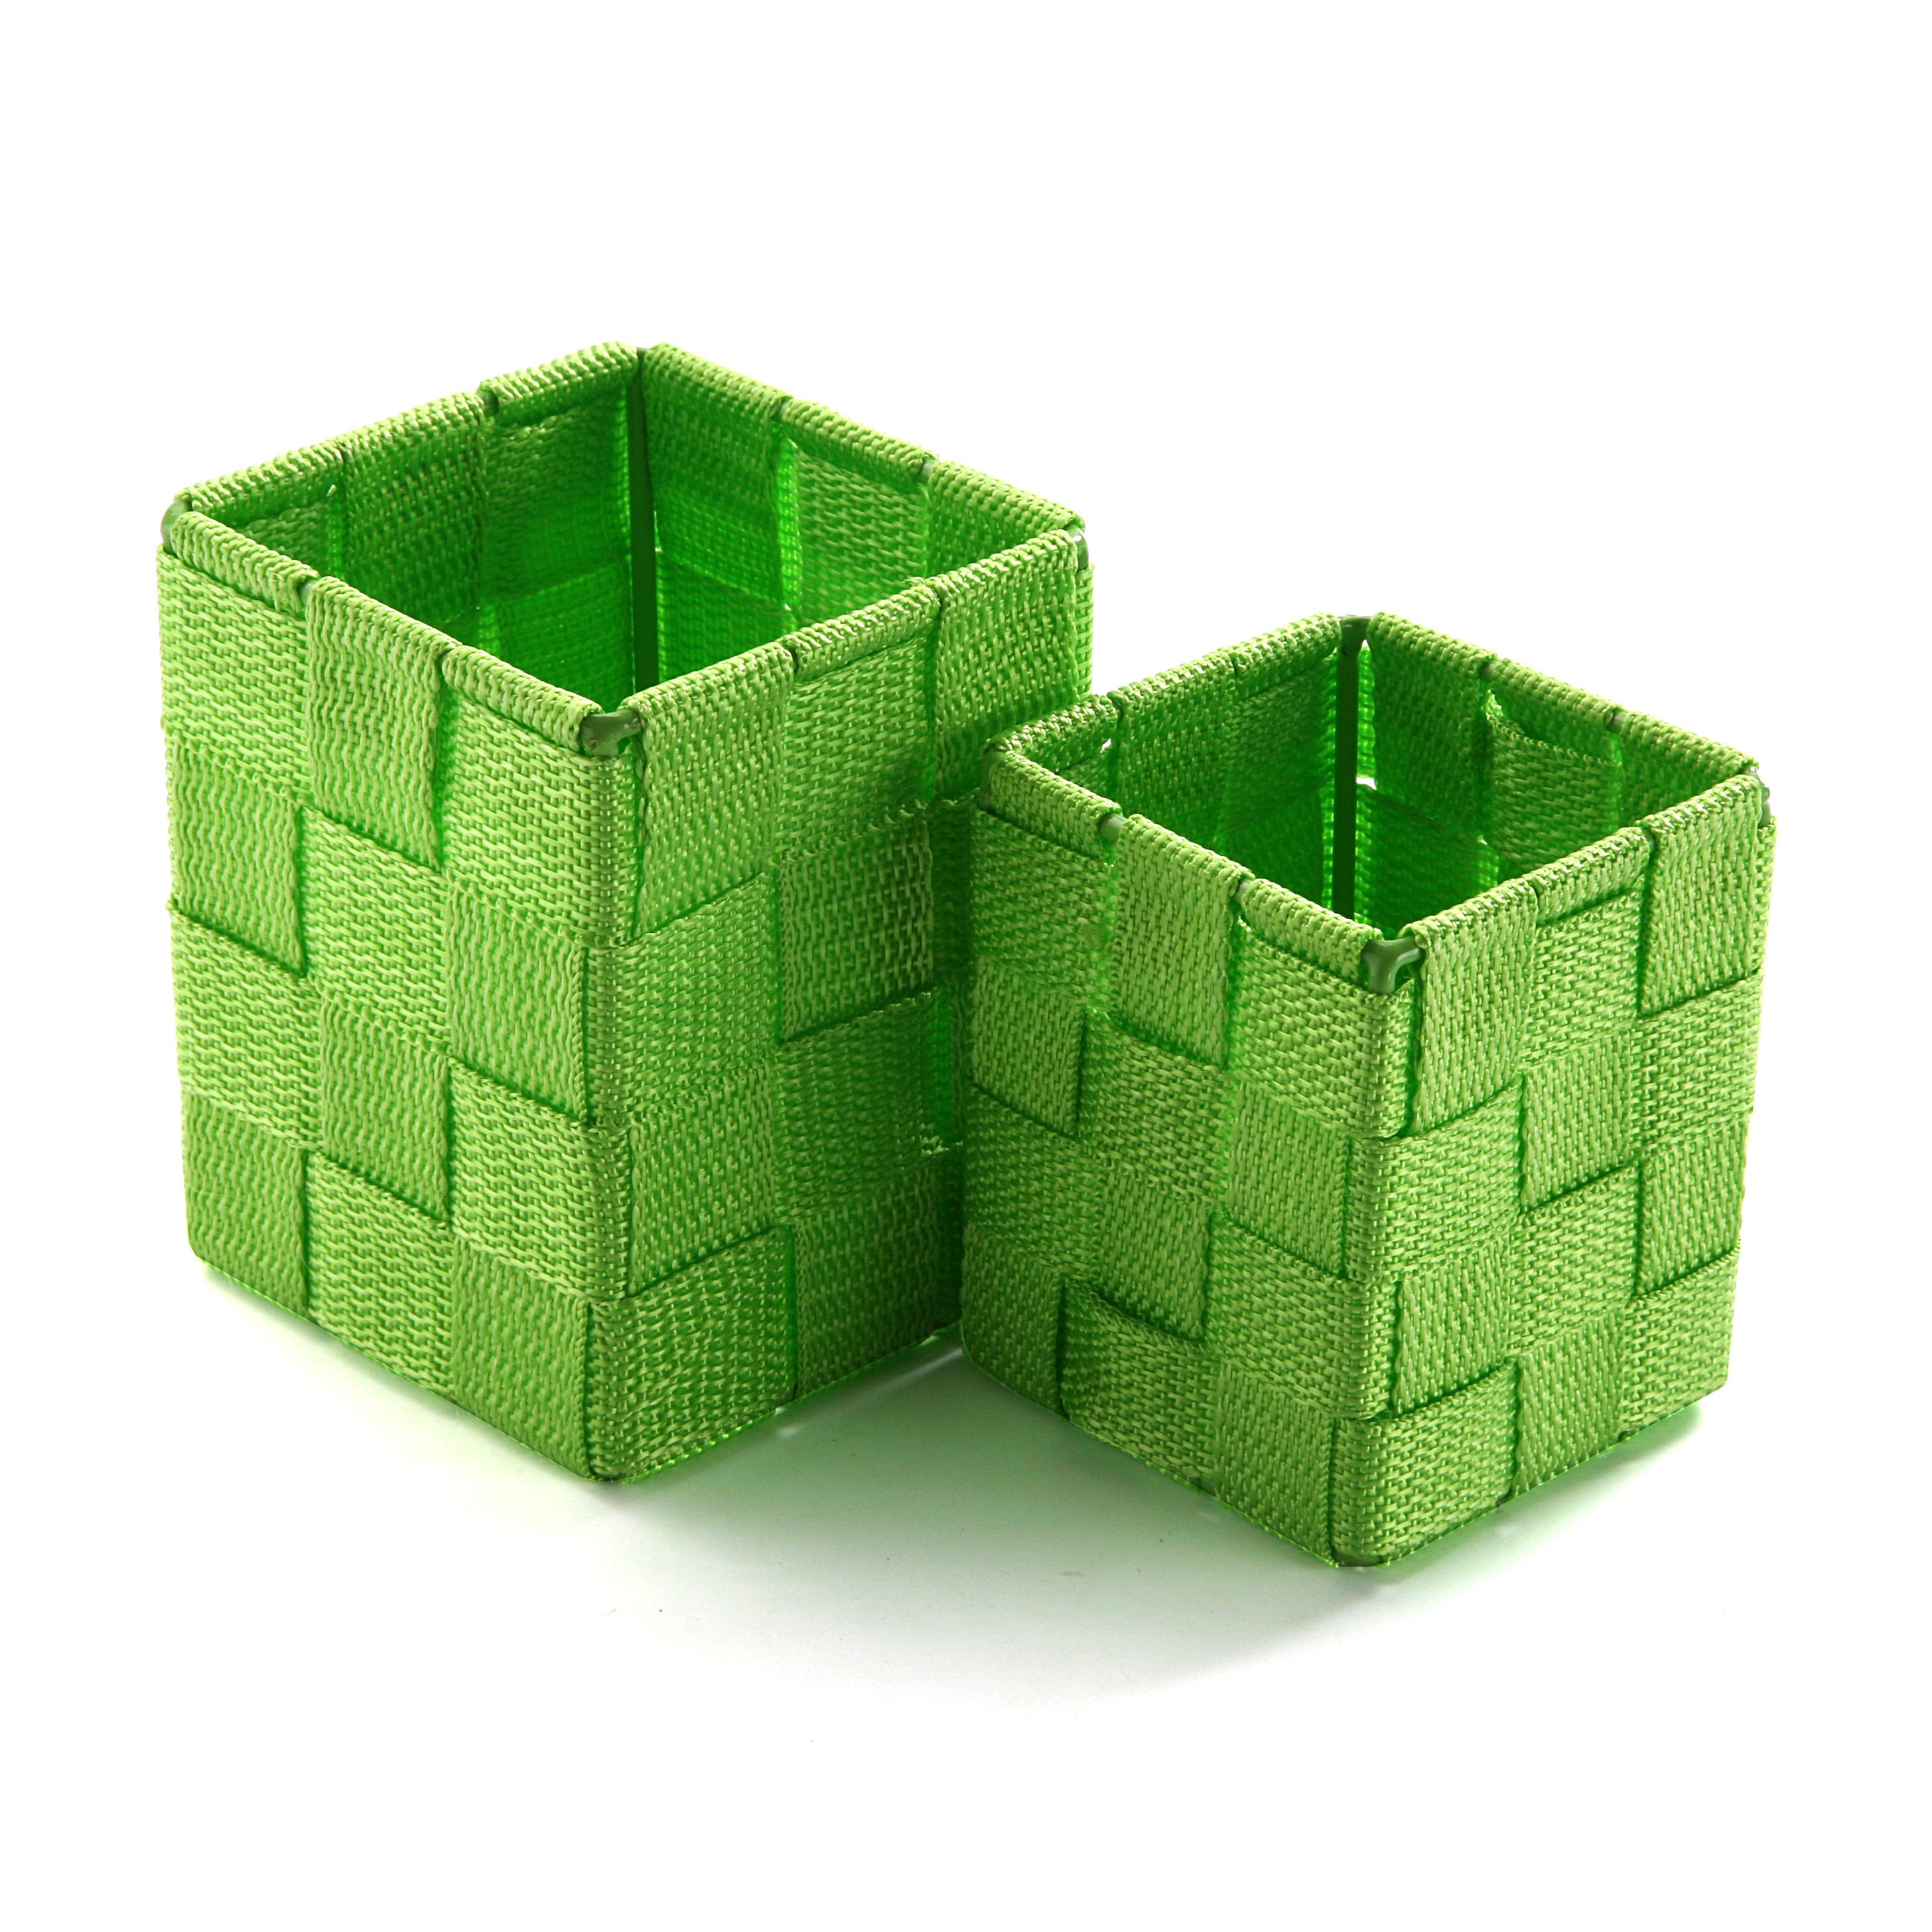 Набор корзин для хранения (2шт)Корзины<br>1.большая корзина 35*12*12см, 2.маленькая корзина 28*10*10см.<br><br>Material: Хлопок